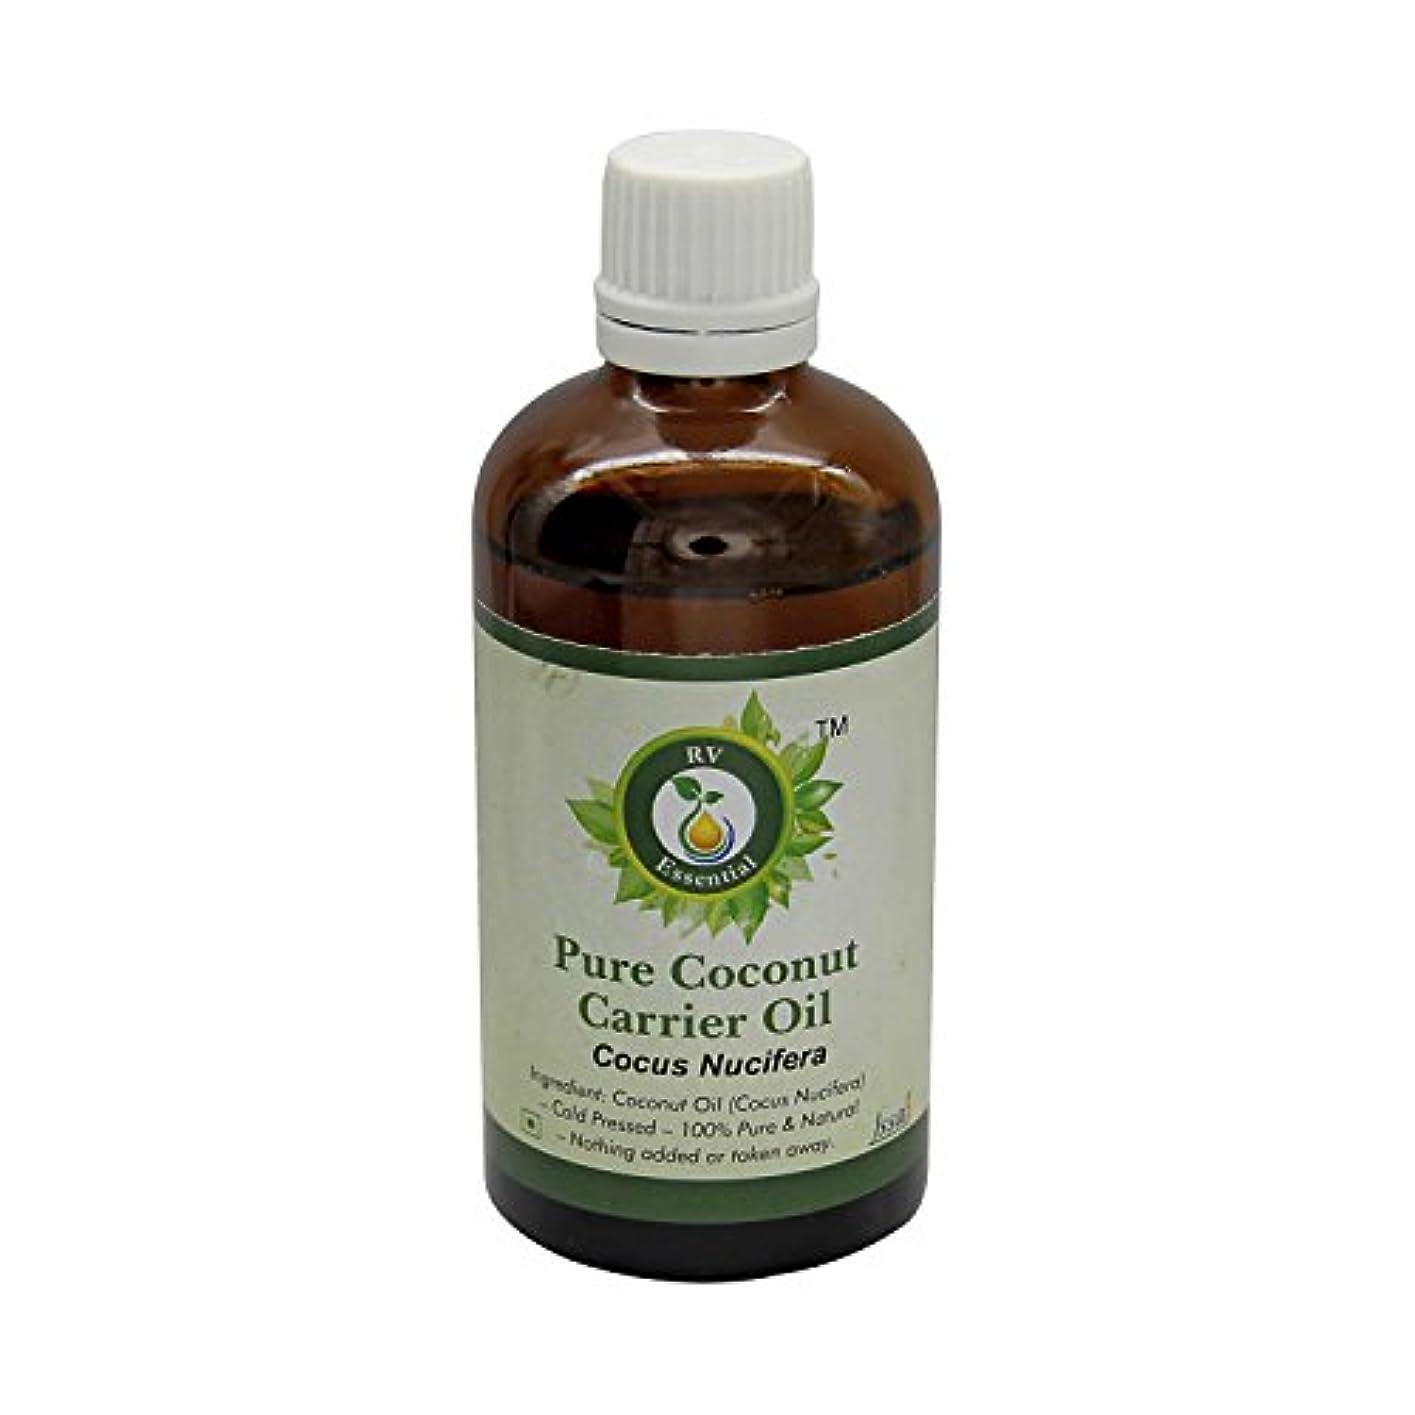 うがい残酷スキームR V Essential 純粋なココナッツキャリアオイル5ml (0.169oz)- Cocus Nucifera (100%ピュア&ナチュラルコールドPressed) Pure Coconut Carrier Oil